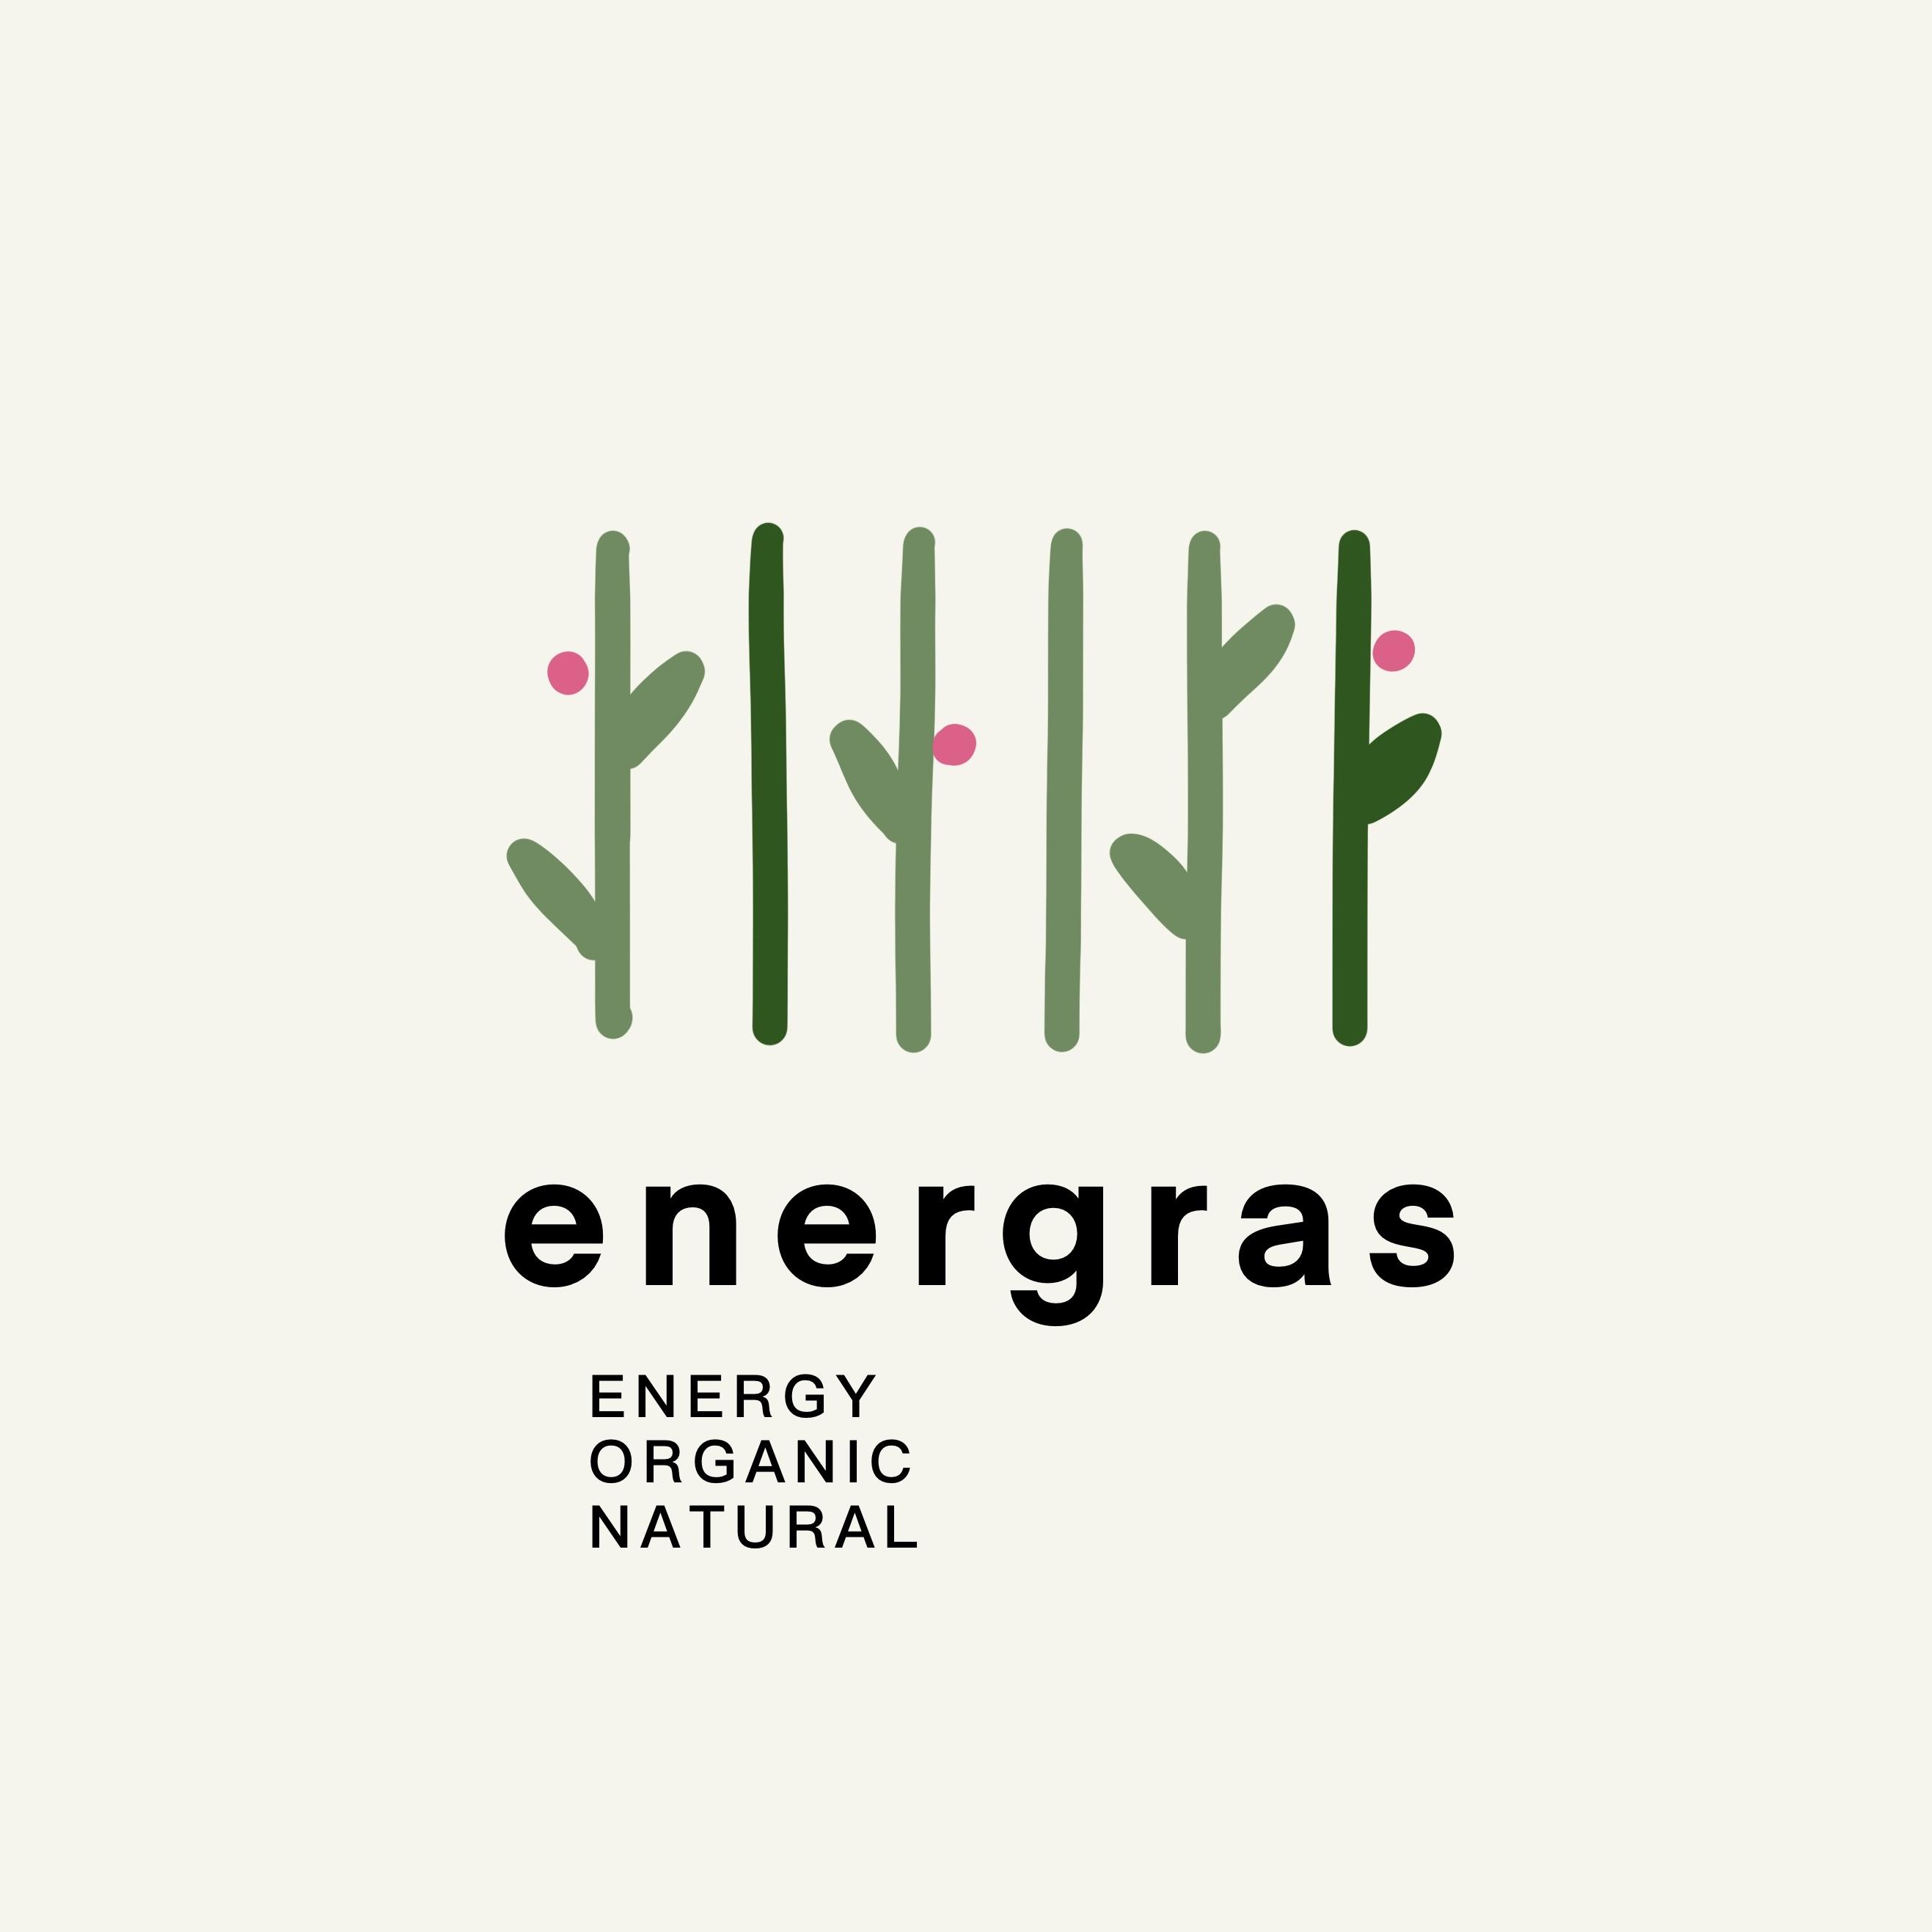 Графический дизайнер для создания логотипа Energrass. фото f_1745f8d9fcb7a171.jpg